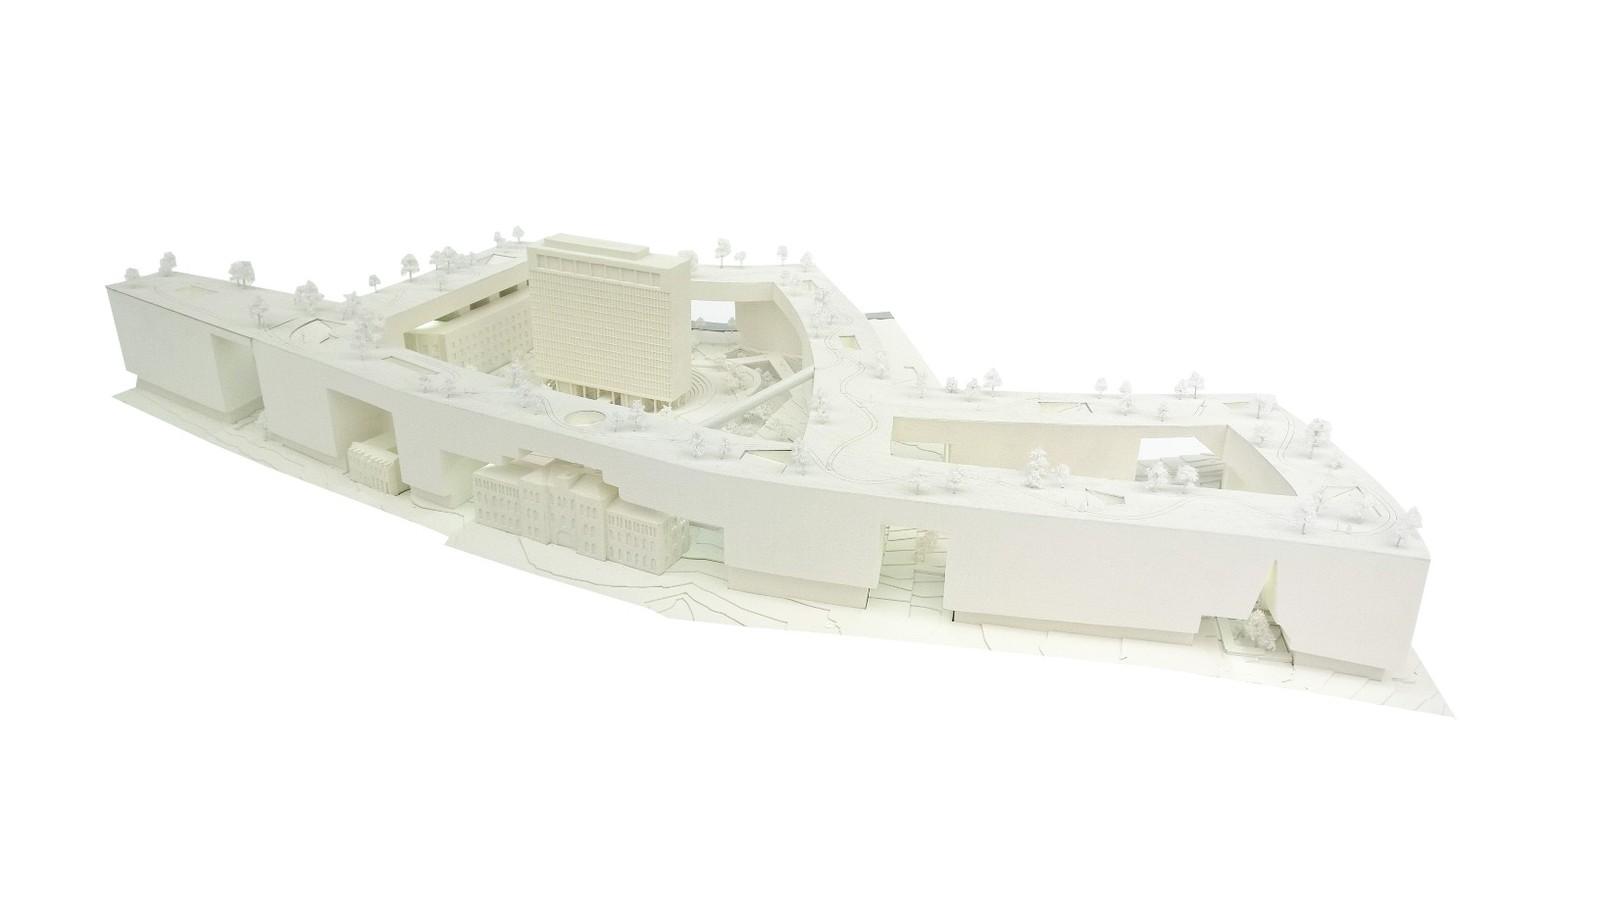 NUMMER 4 - MVRD: Dette forslaget skiller seg fra de andre forslagene ved at det lar bygningsmassen utgjøre en lav mur rundt kvartalet, der ingen bygg ruver høyere enn Høyblokka, og taket på muren er dekket av parkanlegg.